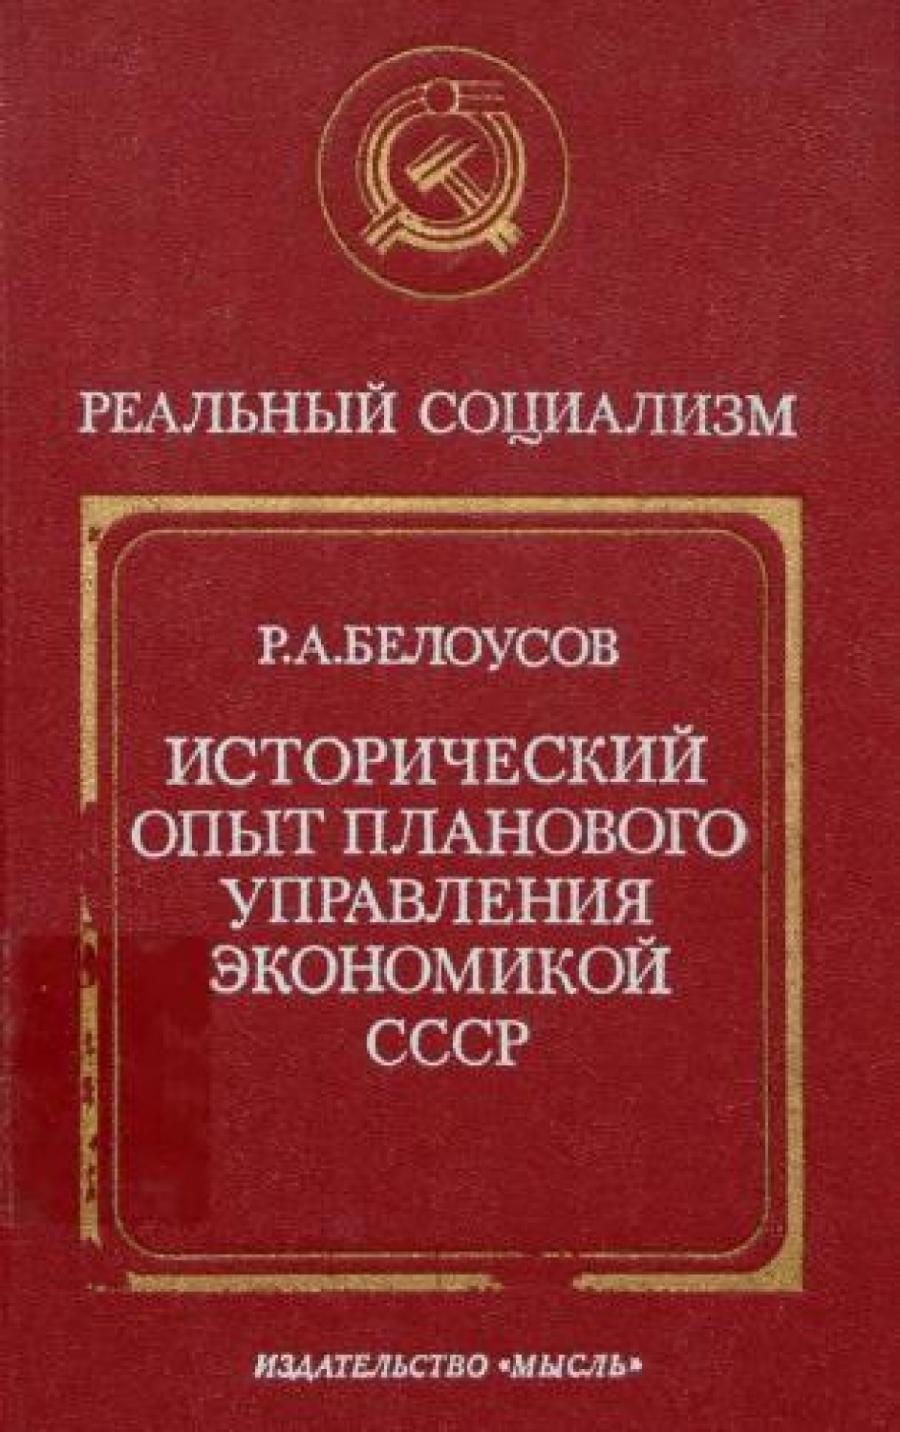 Обложка книги:  белоусов р.а. - исторический опыт планового управления экономикой ссср